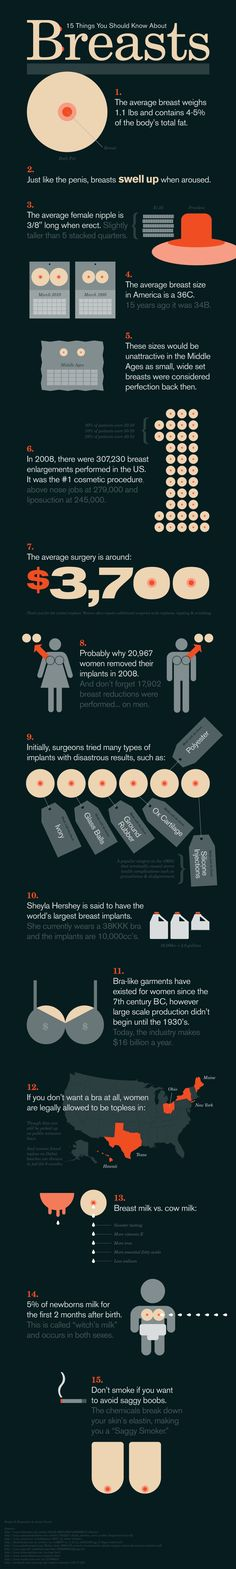 Informations sur les seins!